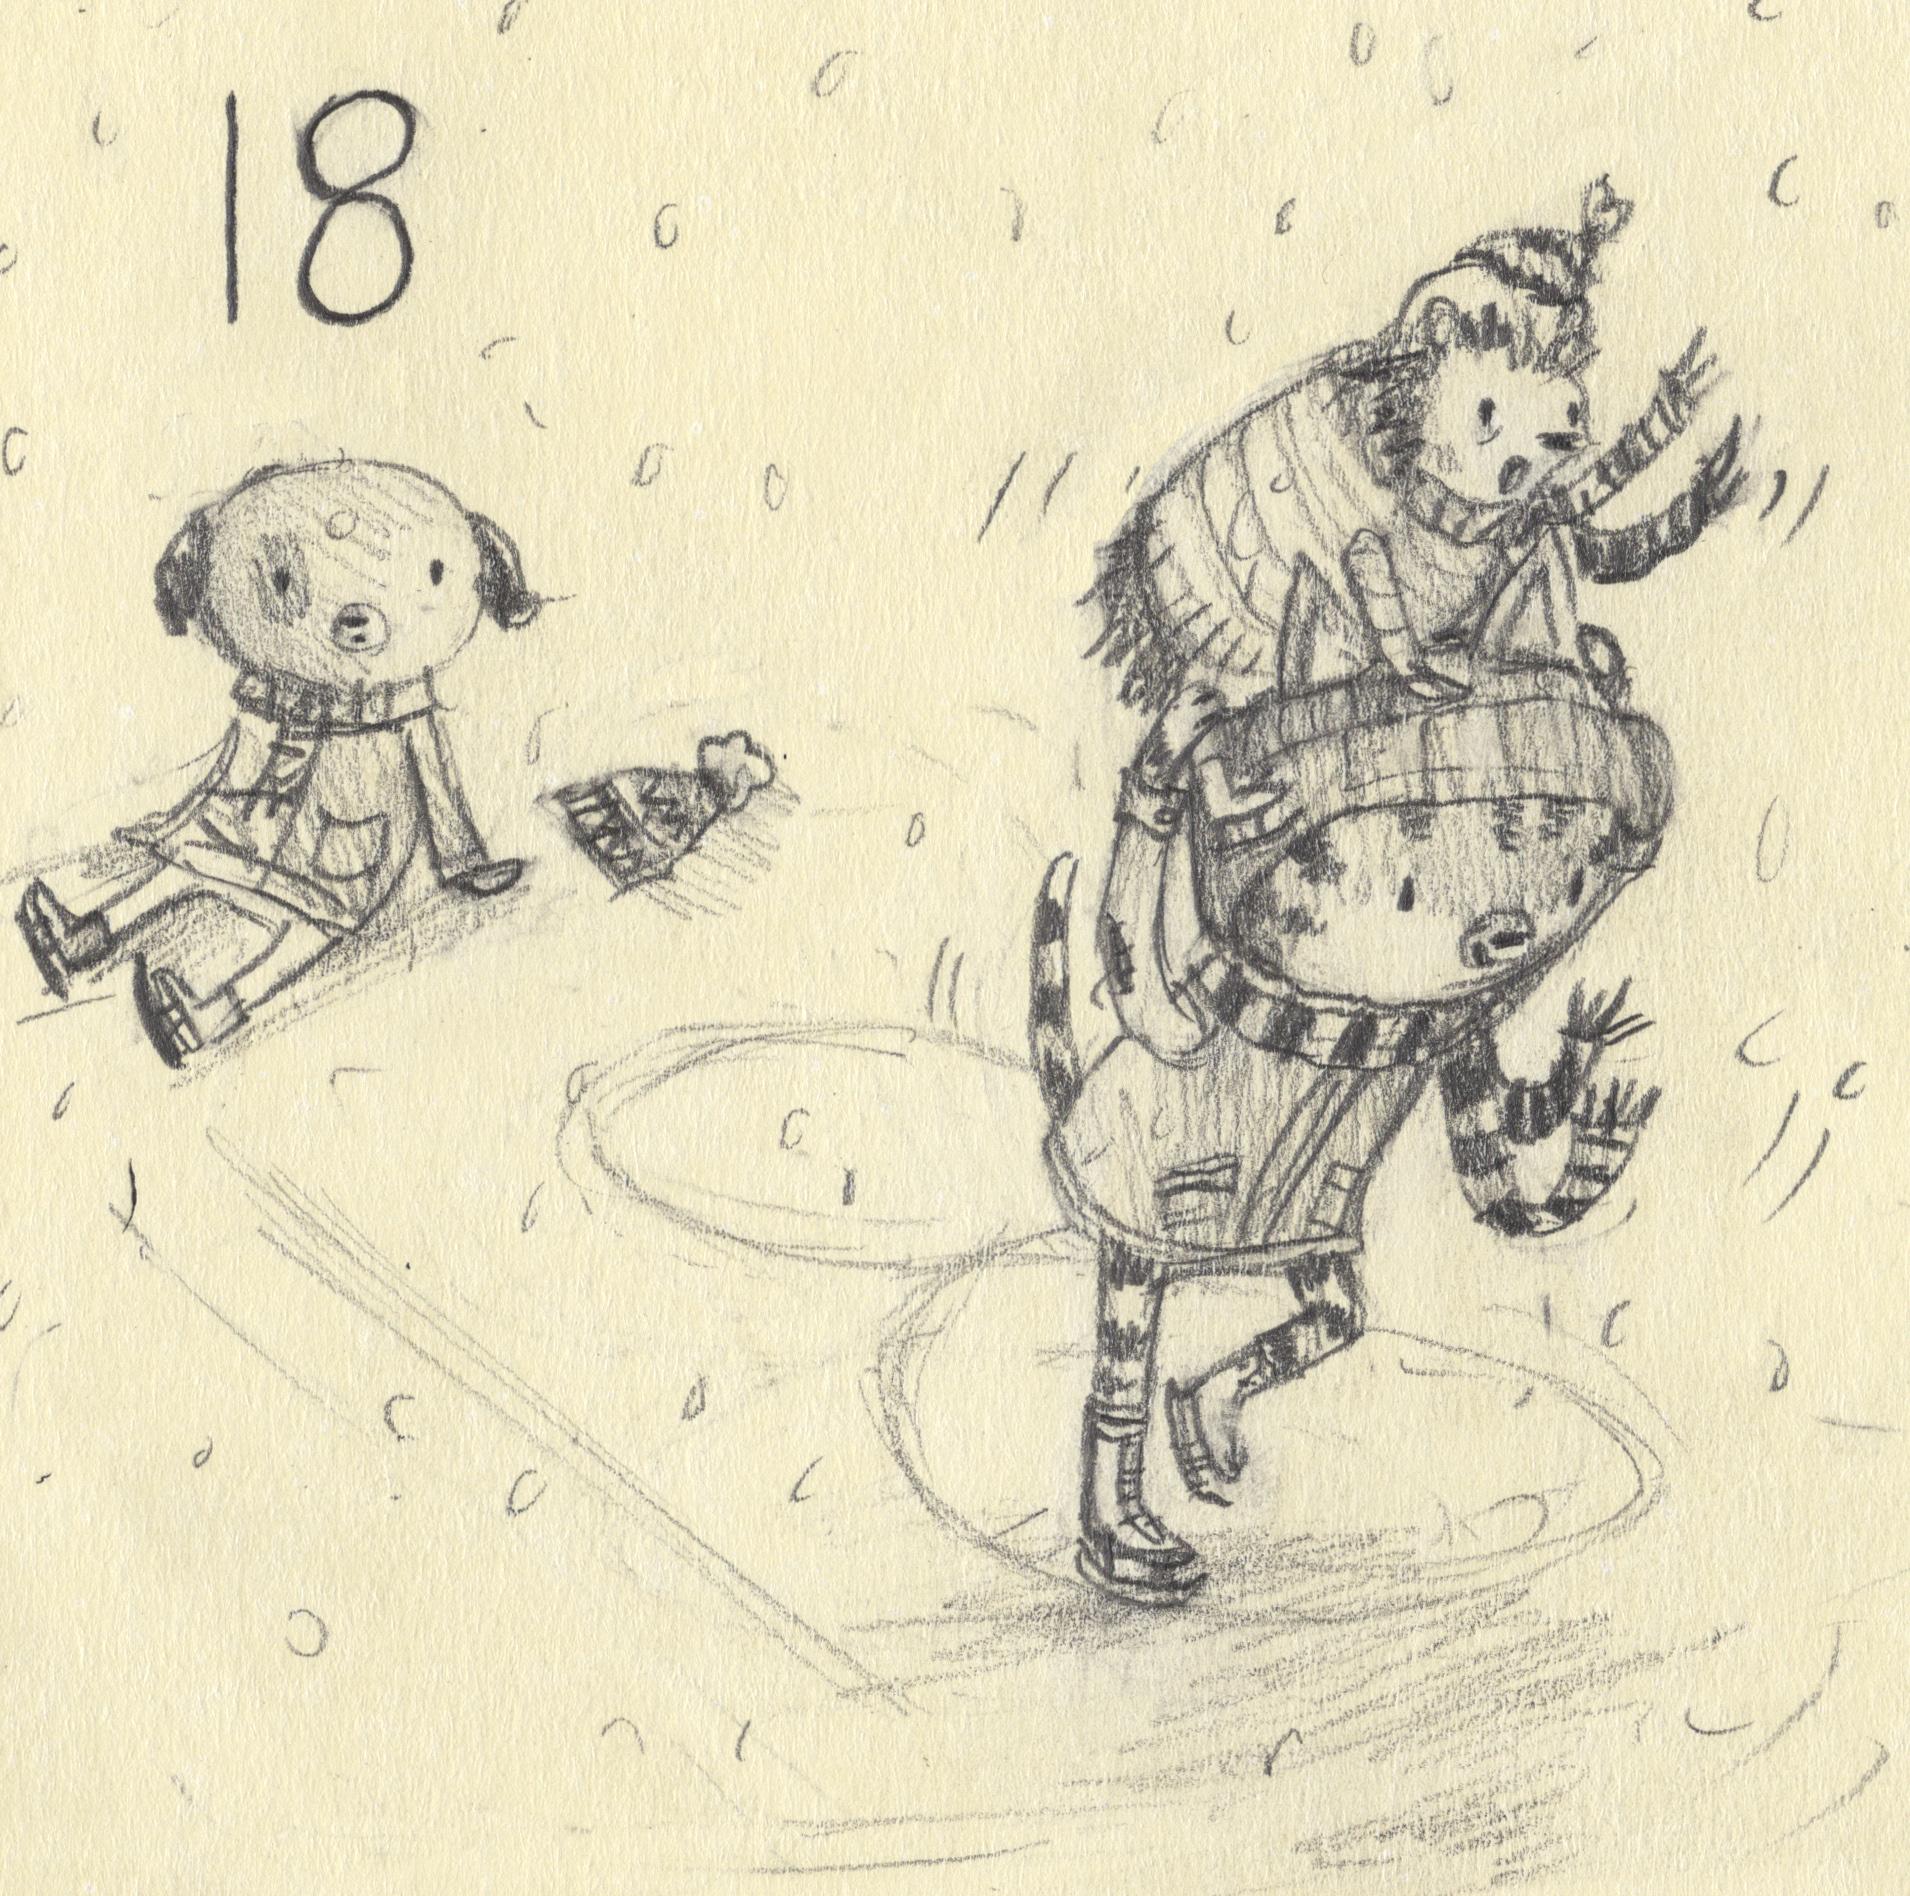 Advent Calendar - December 18